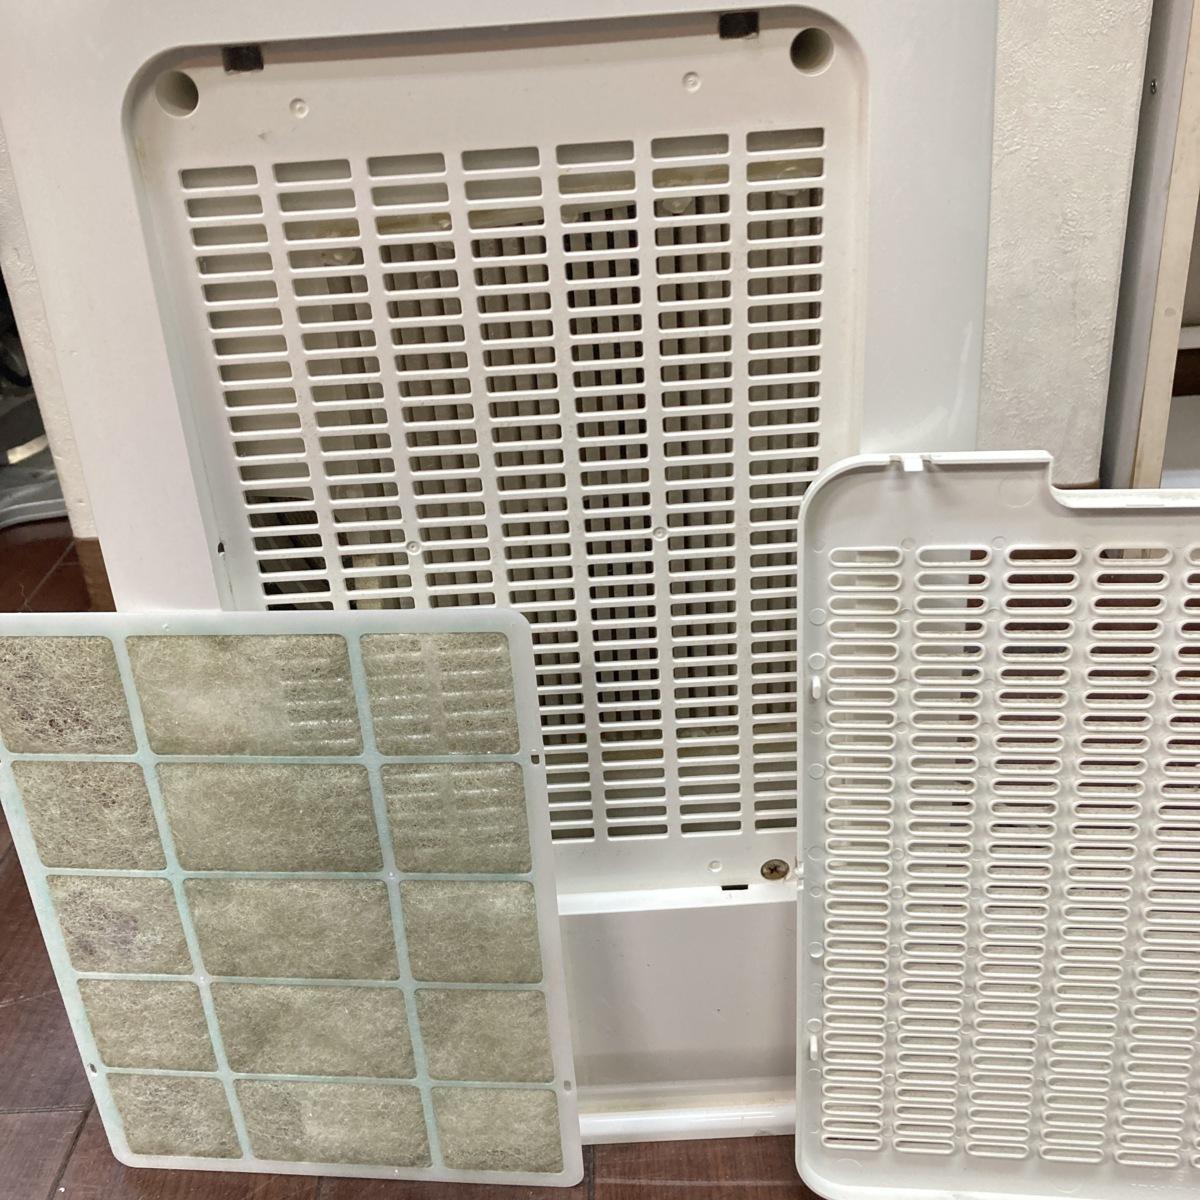 日立 衣類乾燥除湿機 デシカント方式 除湿量5.6L ~14畳 HJS-D562 2017年製 動作品 簡易清掃のみ f001 7210_画像5